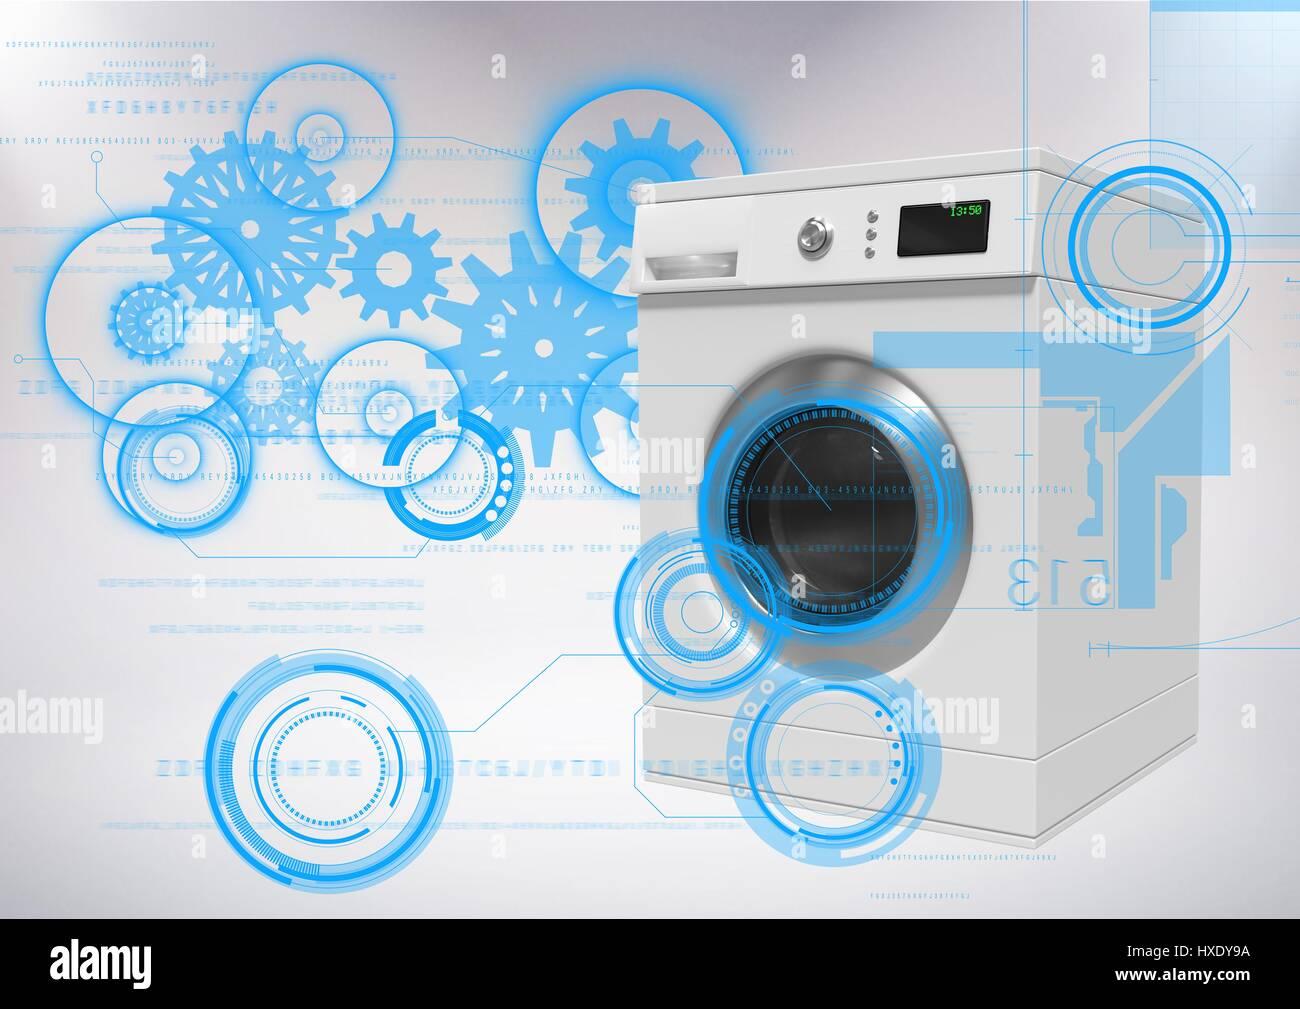 """No quiero una lavadora """"digital"""" quiero una como las de siempre, para meter la ropa y el detergente, darle al mando y que lave sola"""